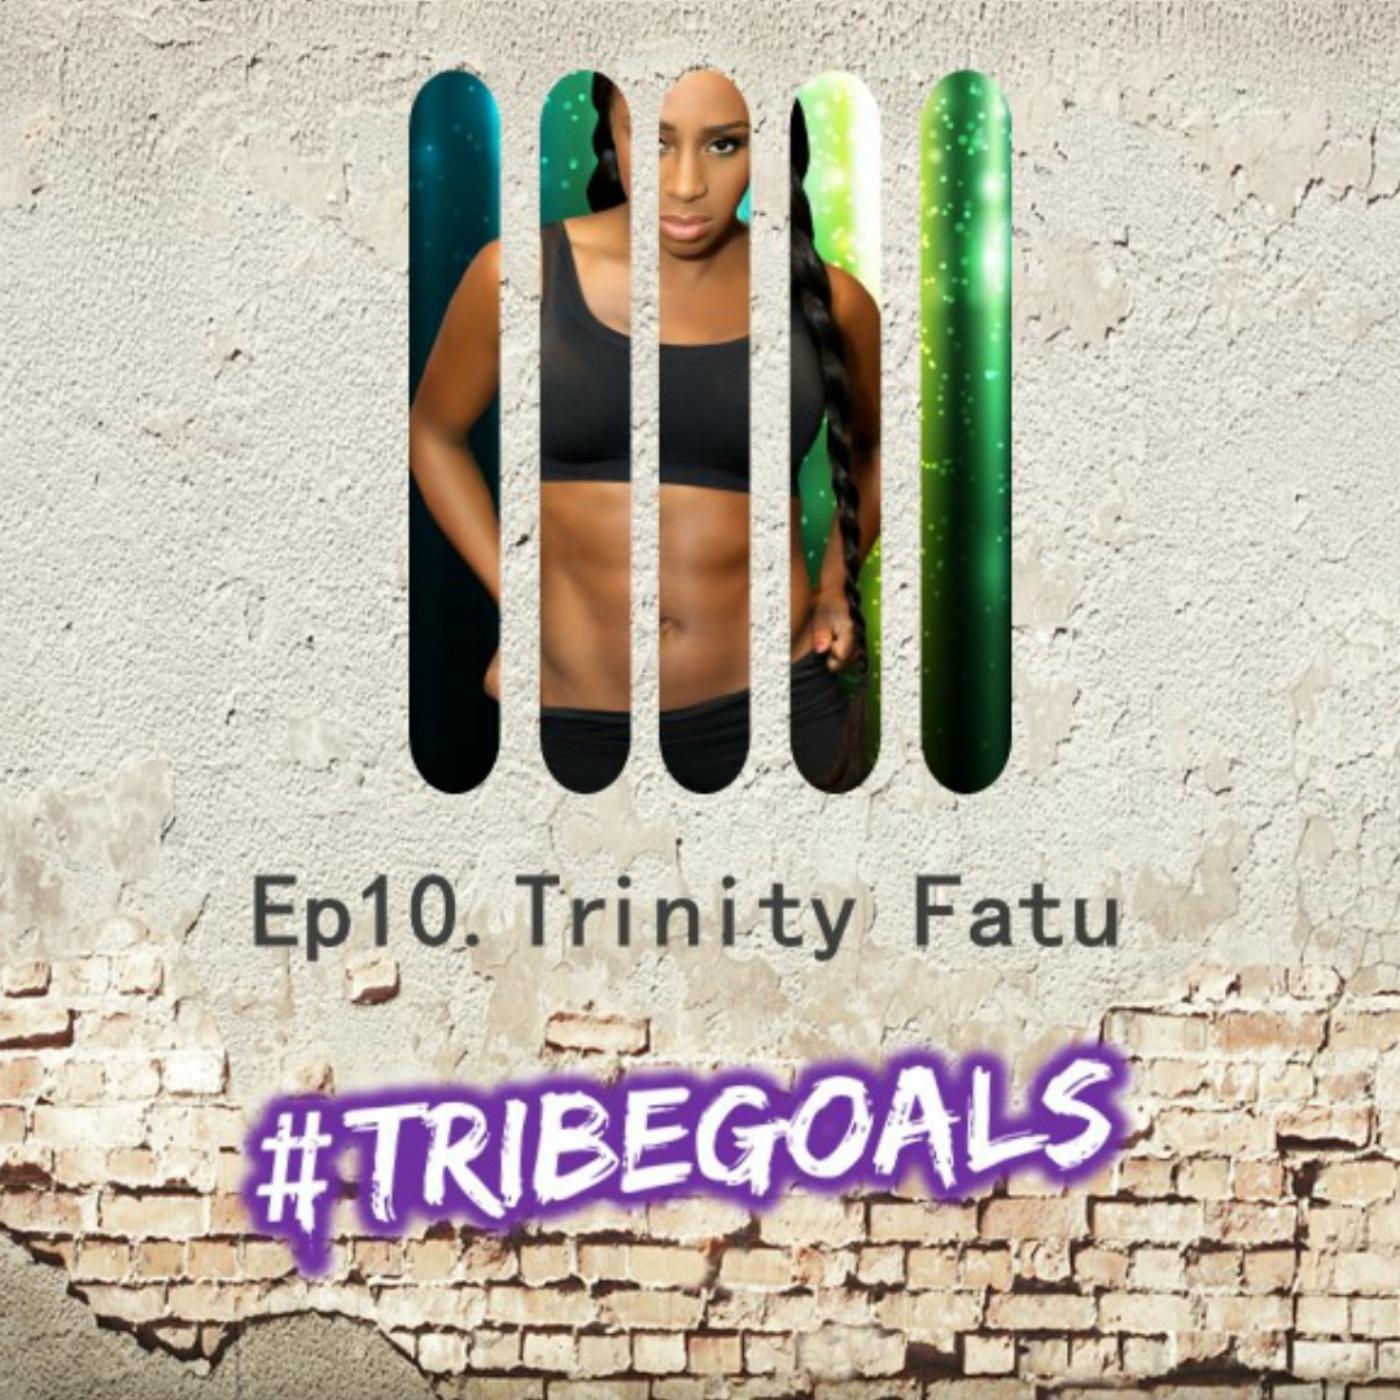 S1. E10. | #TRIBEGOALS WITH WWE + E! TOTAL DIVAS TRINITY FATU aka NAOMI